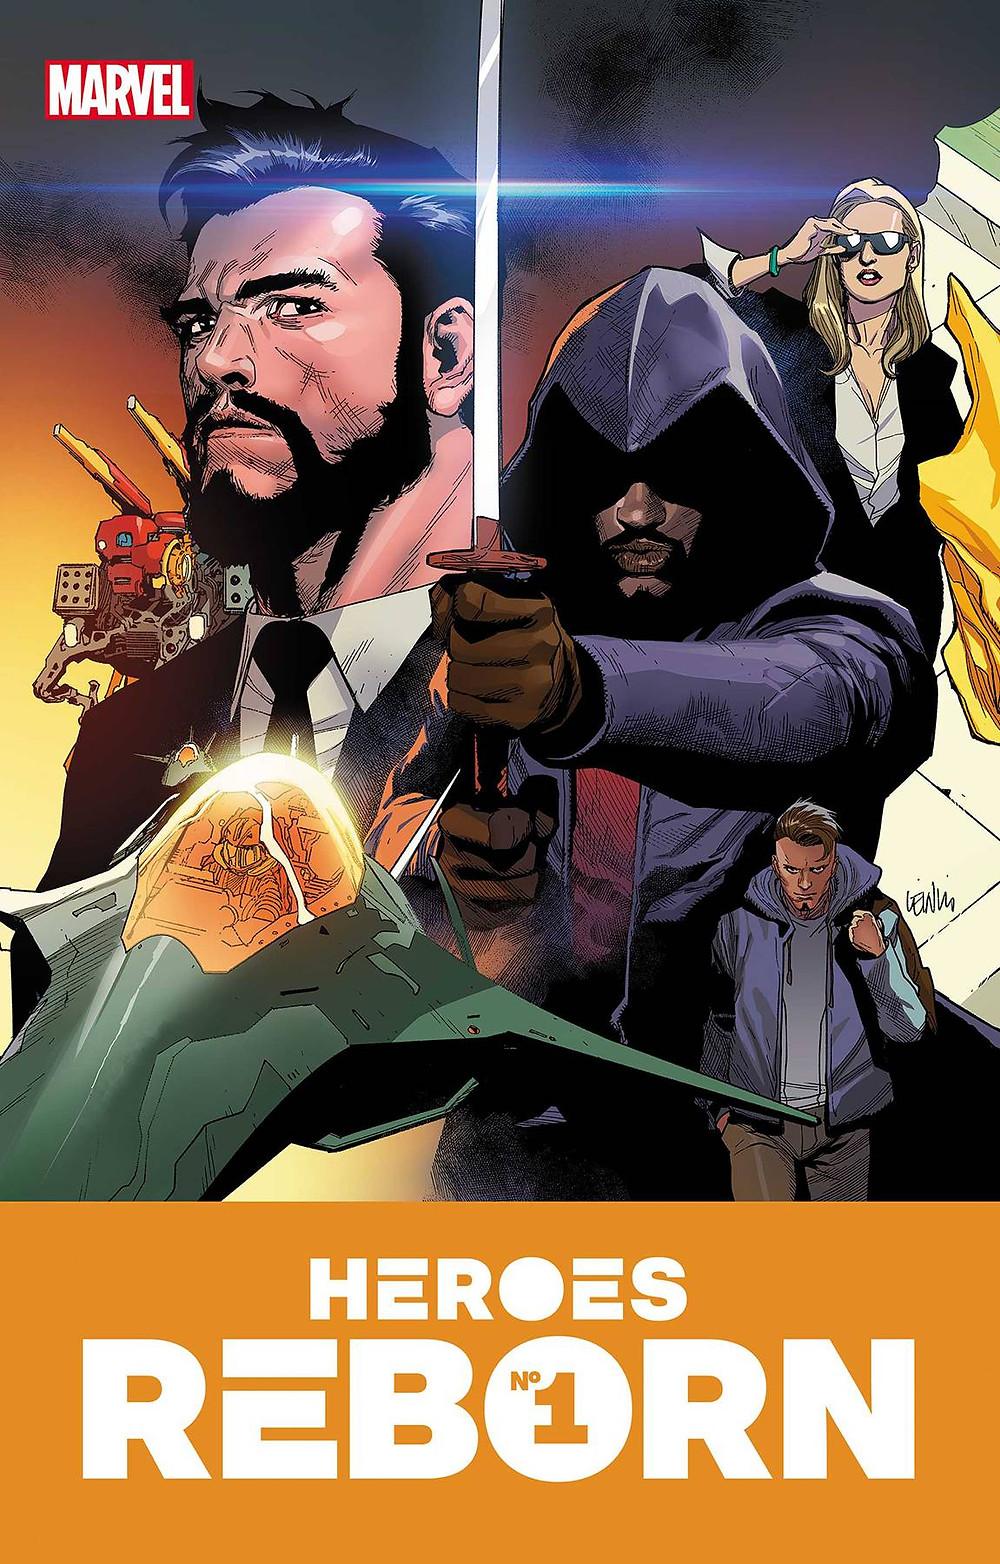 Heroes Reborn #1 Cover